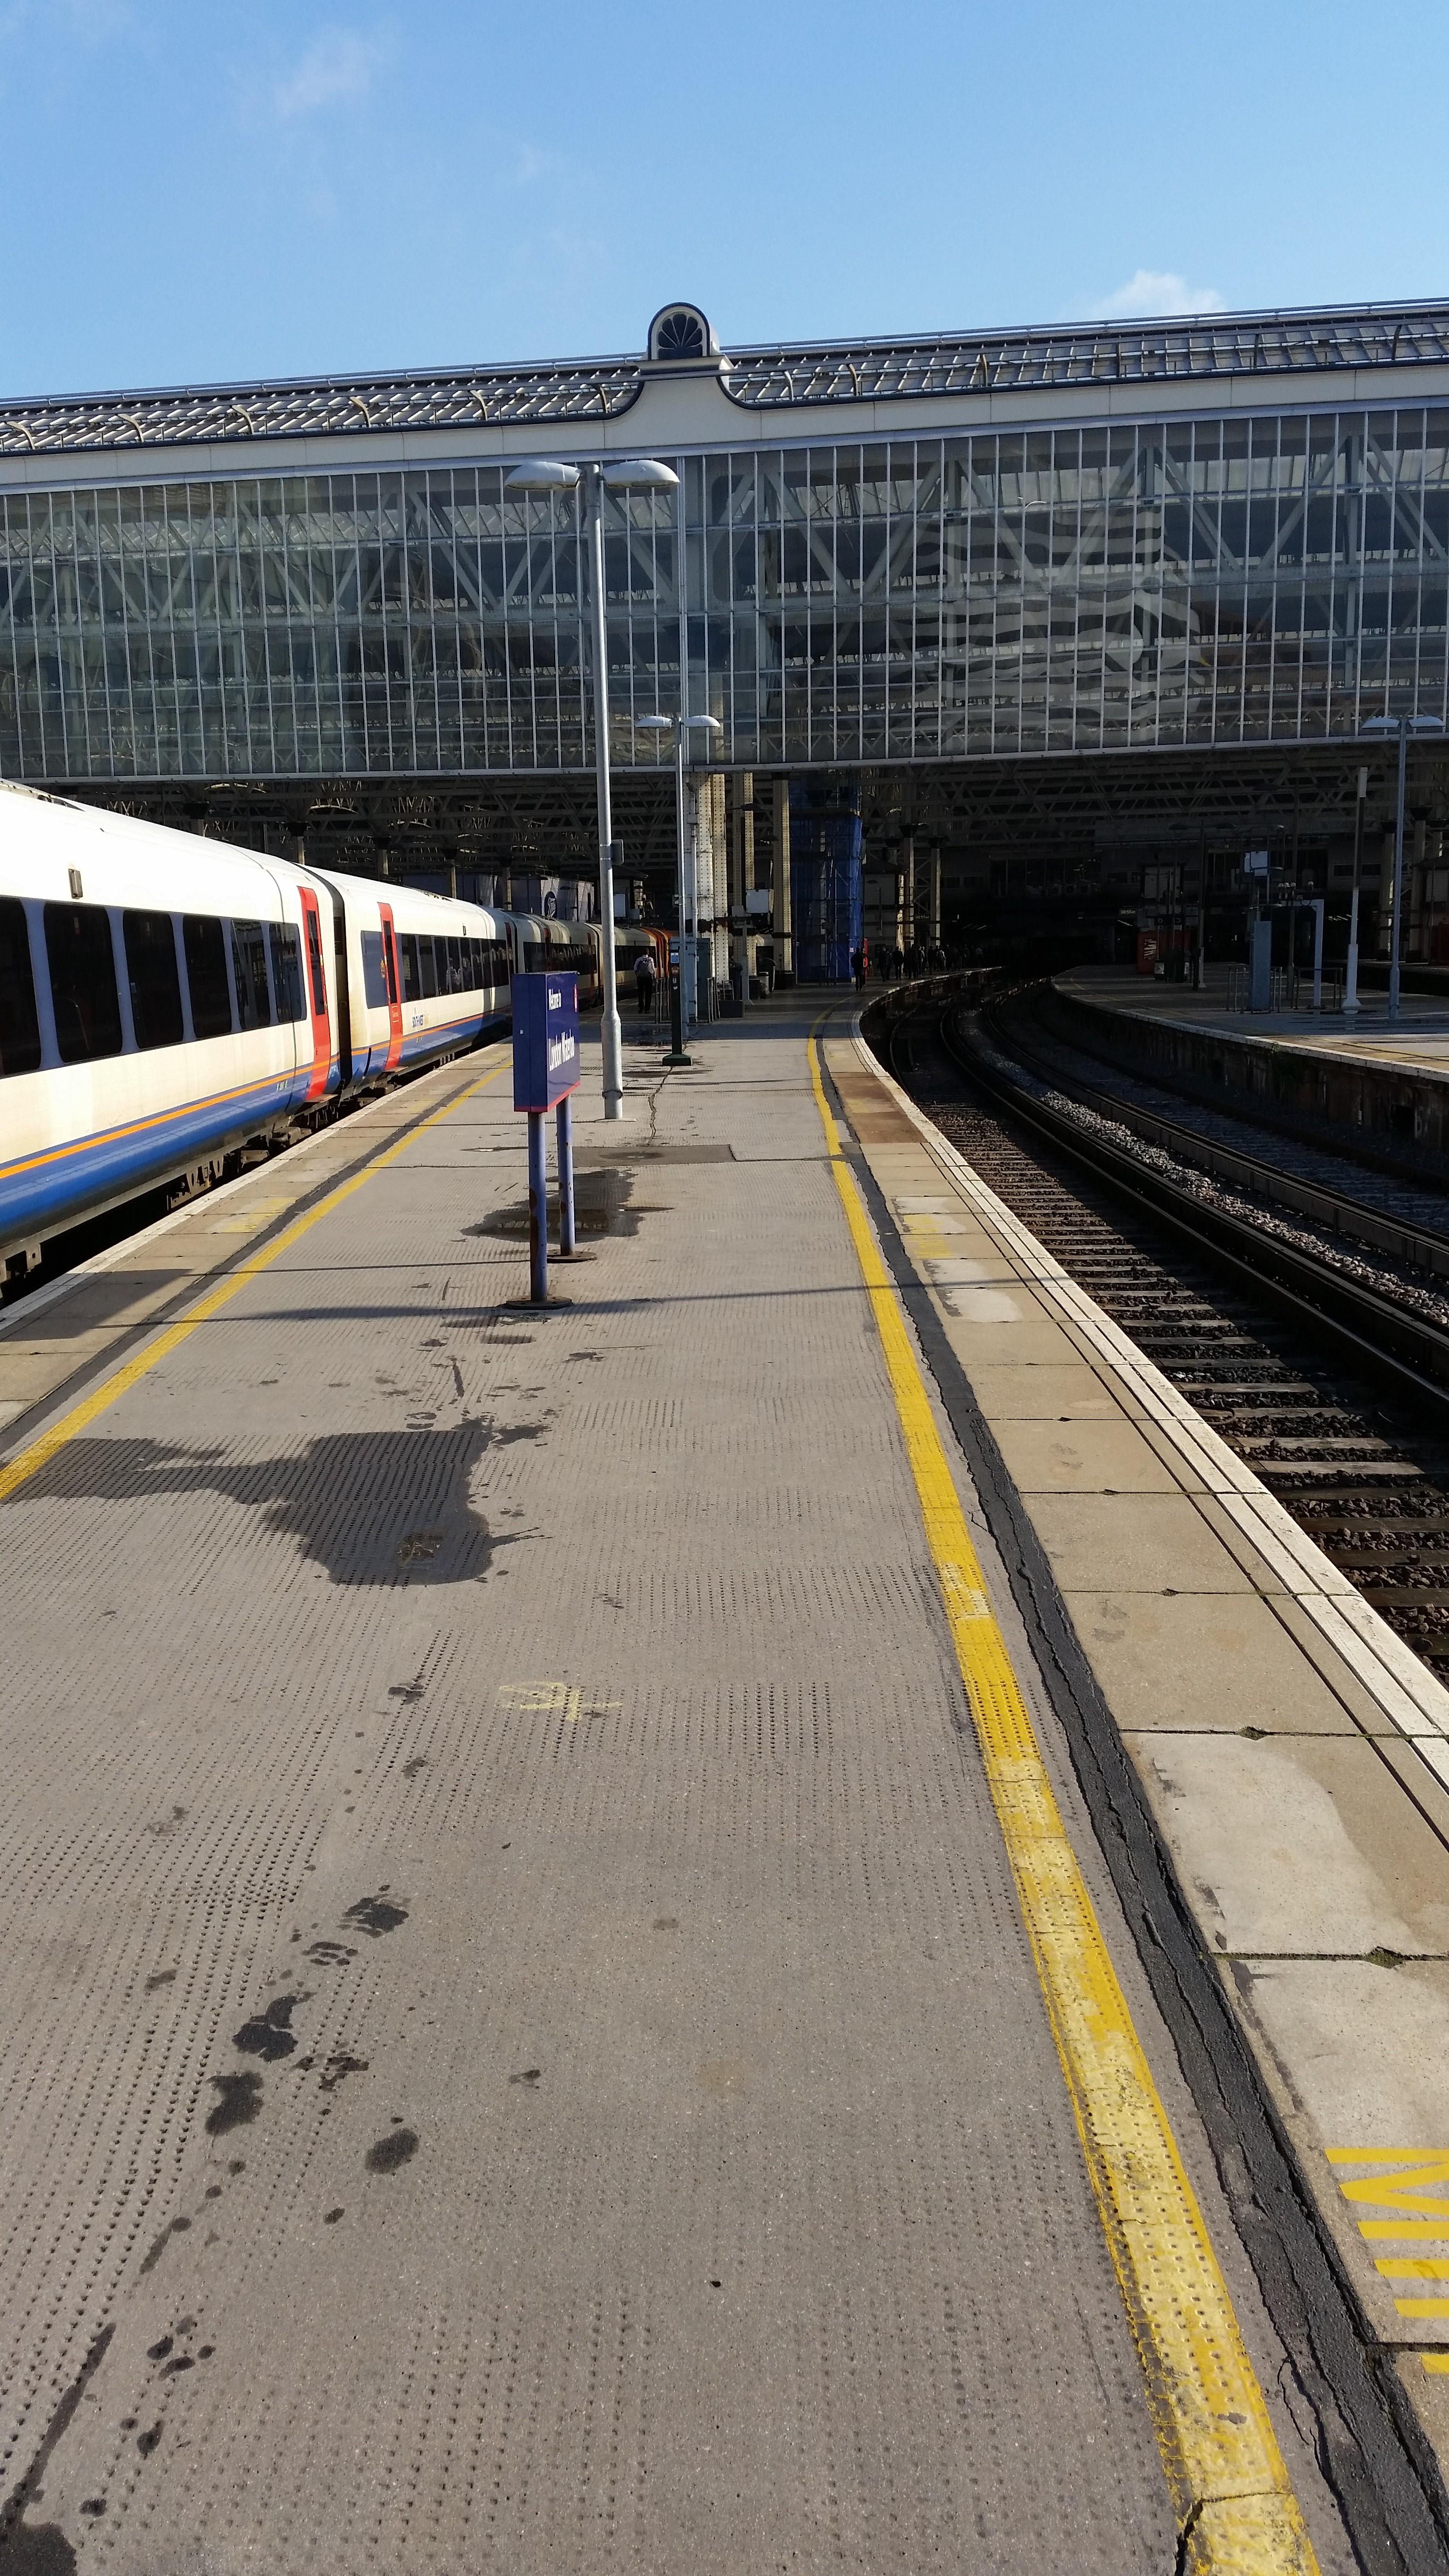 Waterloo platform